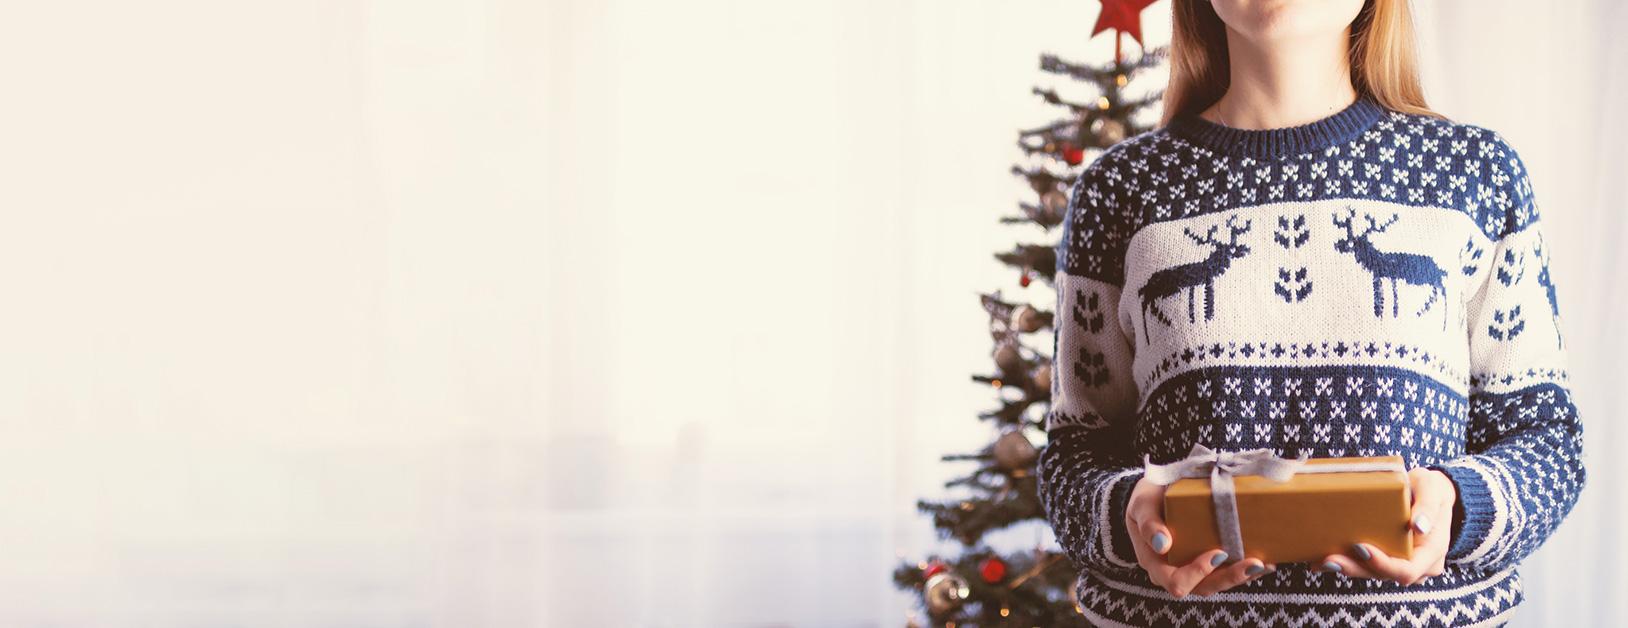 Frau mit Geschenk und Norwegerpulli vor Weihnachtsbaum